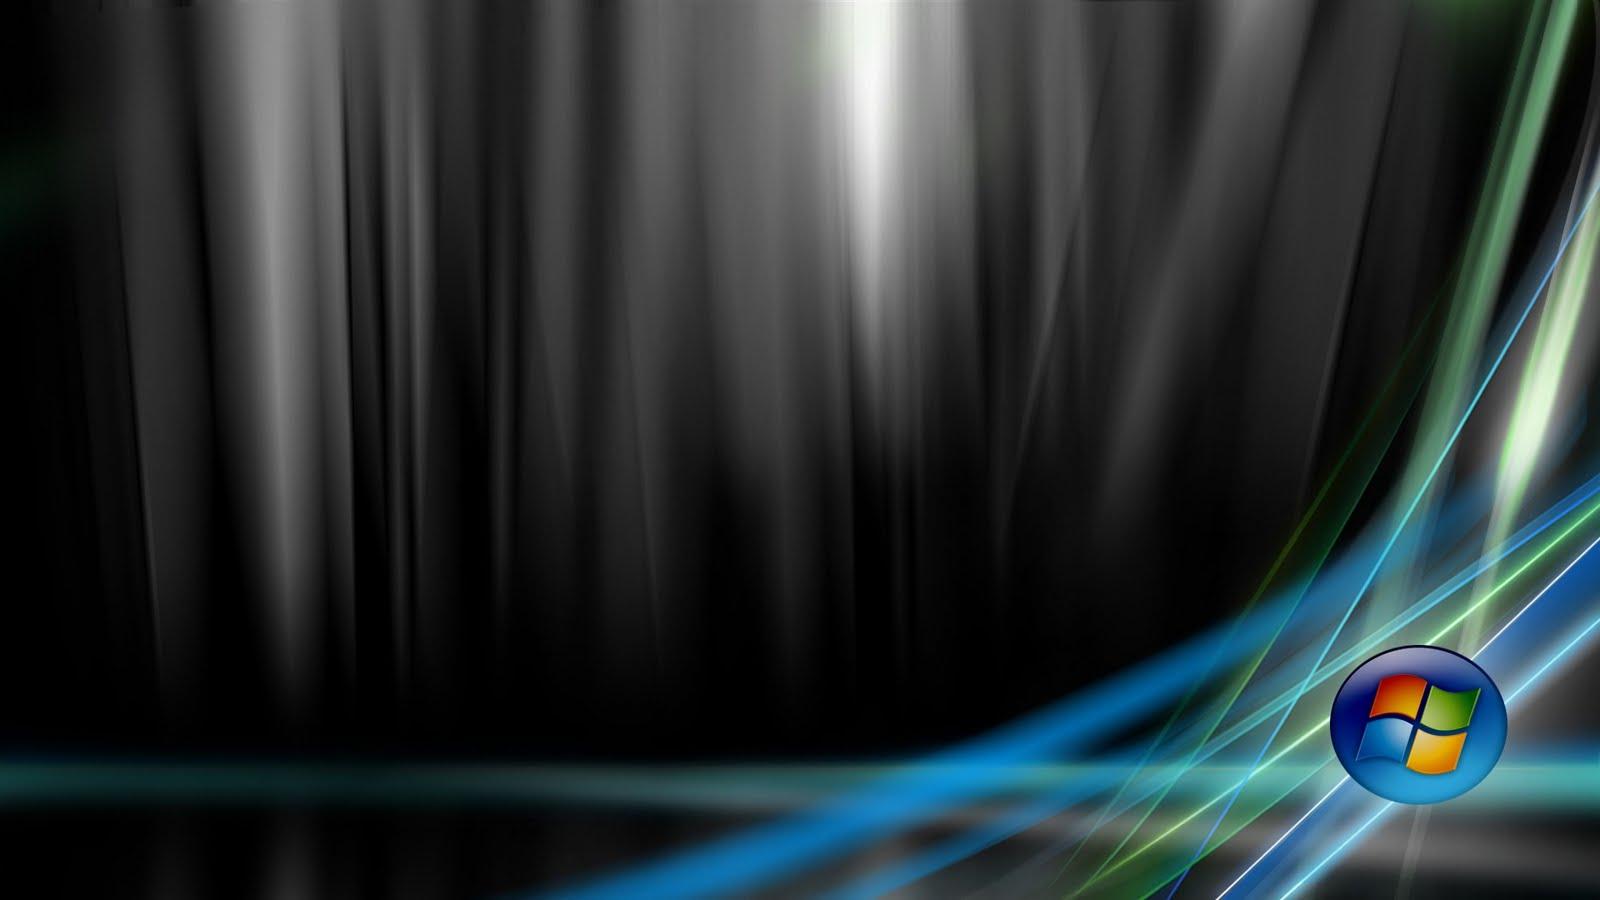 http://1.bp.blogspot.com/-BoCVBv-rjqA/ThRPUFIW-OI/AAAAAAAAGyQ/KGQos0MhYWc/s1600/vista%2Bwallpapers%2Bhd%2B1080p-3.jpg